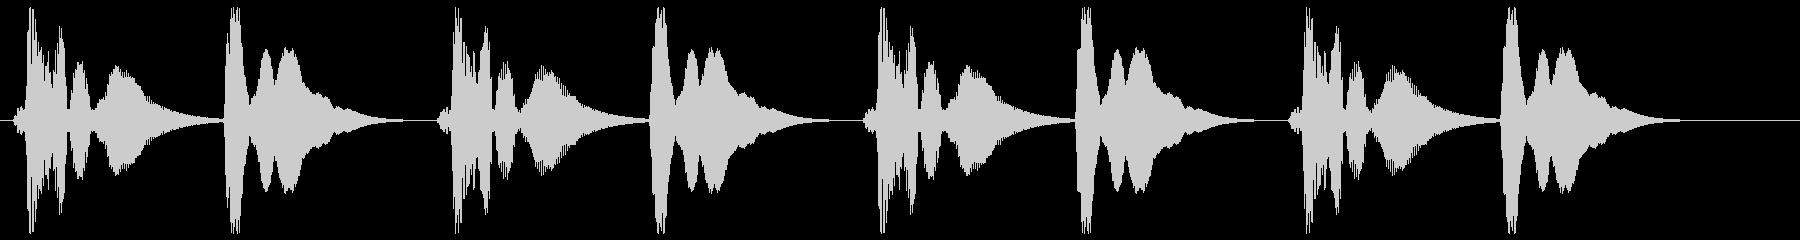 プンポンプンポン(リズミカル)の未再生の波形